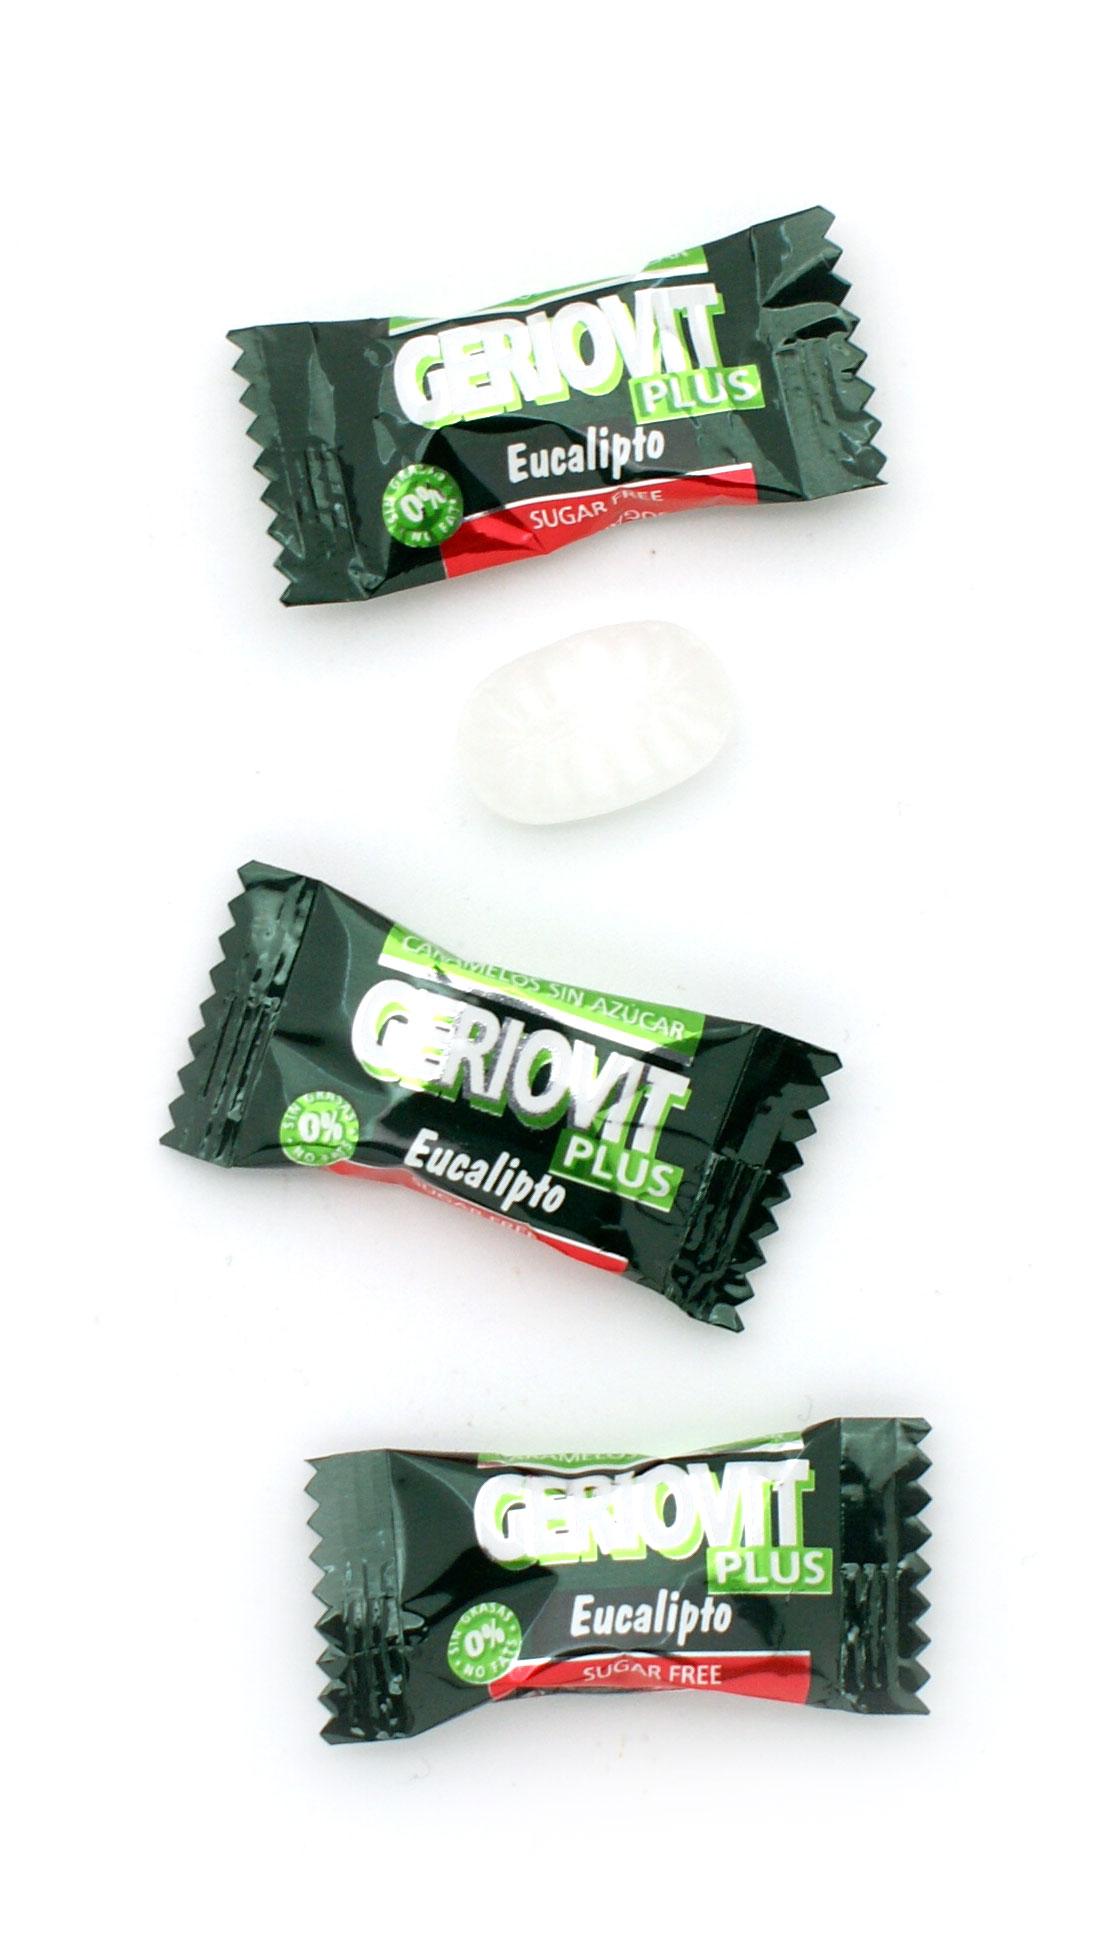 Caramelos sin azúcar eucalipto con estevia. Envueltos individualmente en flow pack.